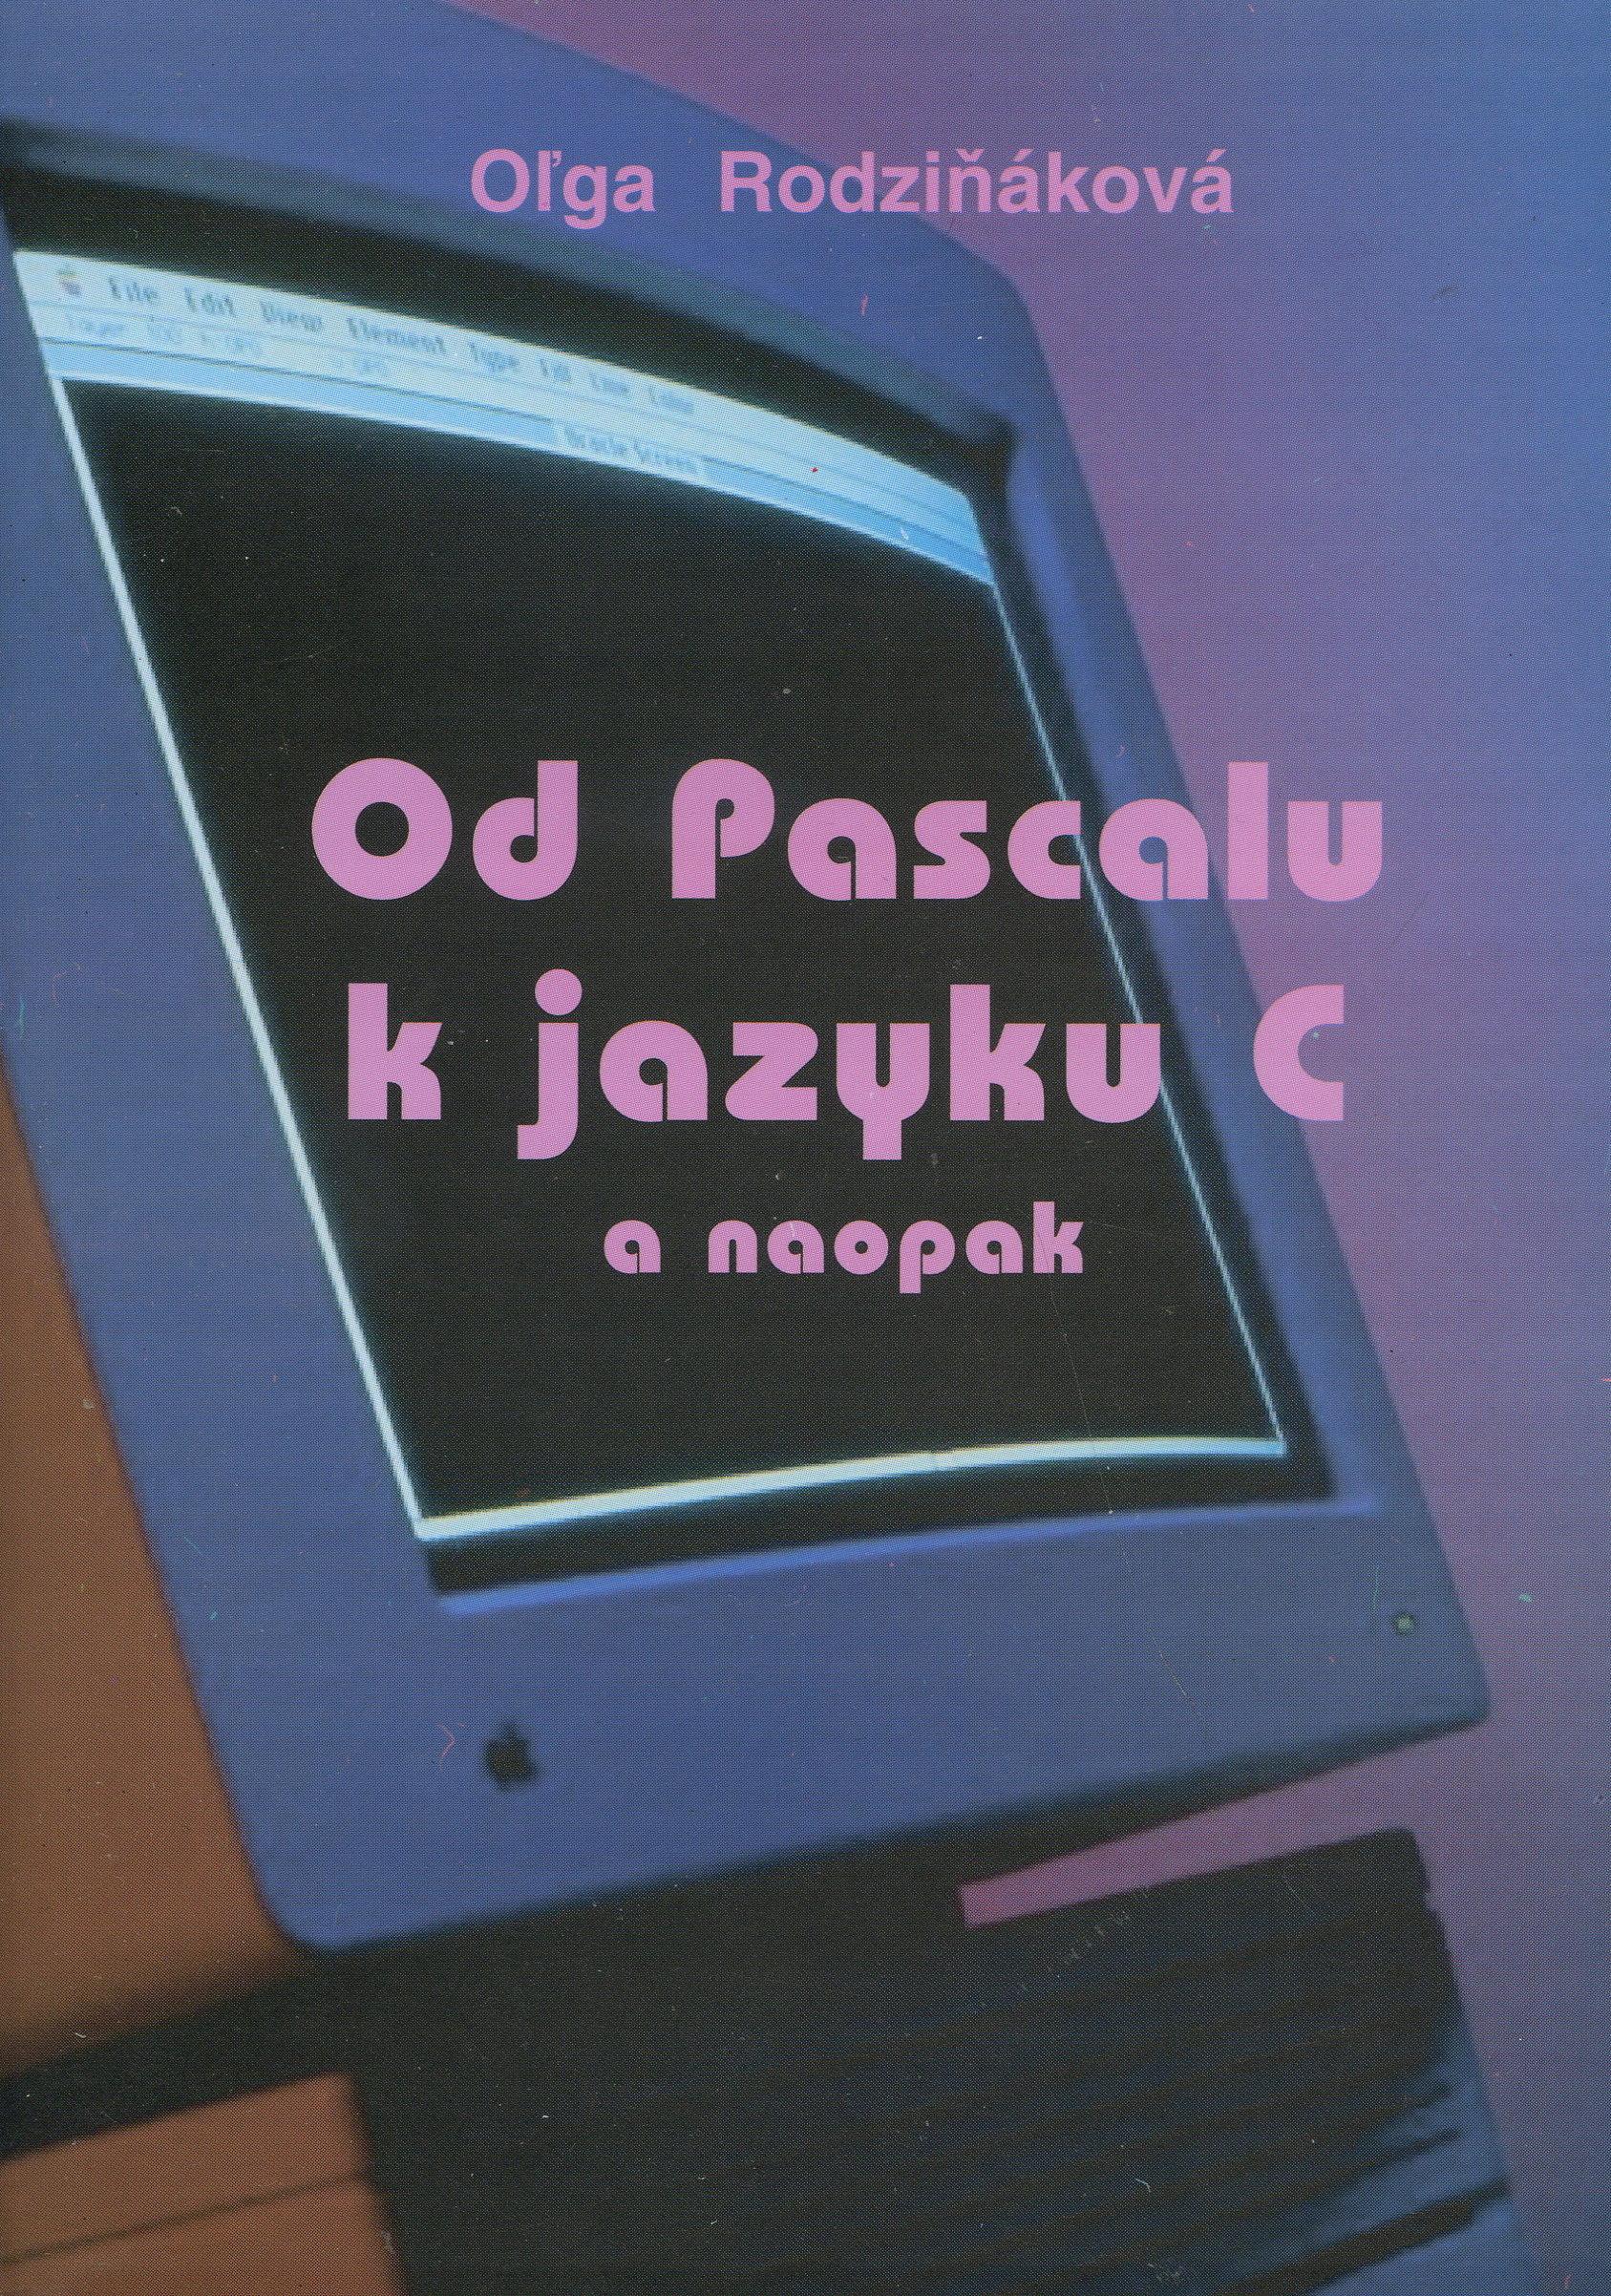 Od Pascalu k jazyku C a naopak